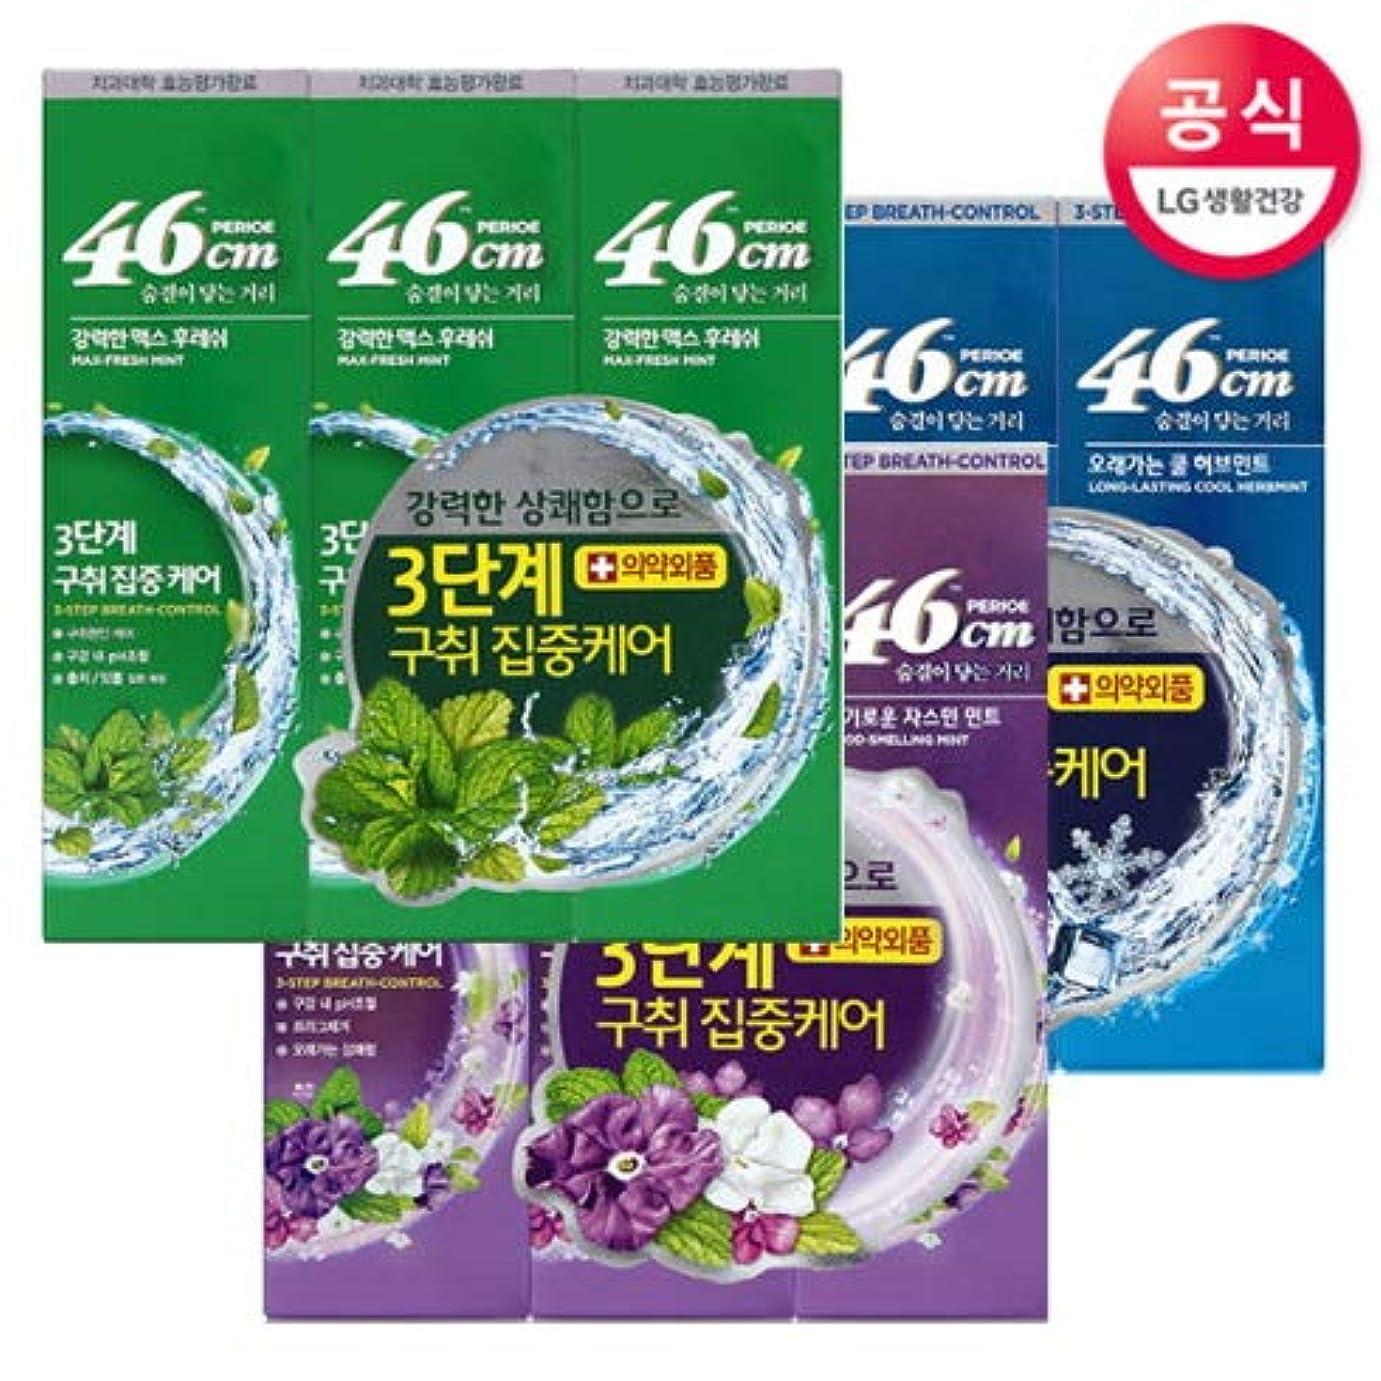 大惨事ケープ葡萄[LG HnB] Perio 46cm toothpaste /ペリオ46cm歯磨き粉 100gx9個(海外直送品)